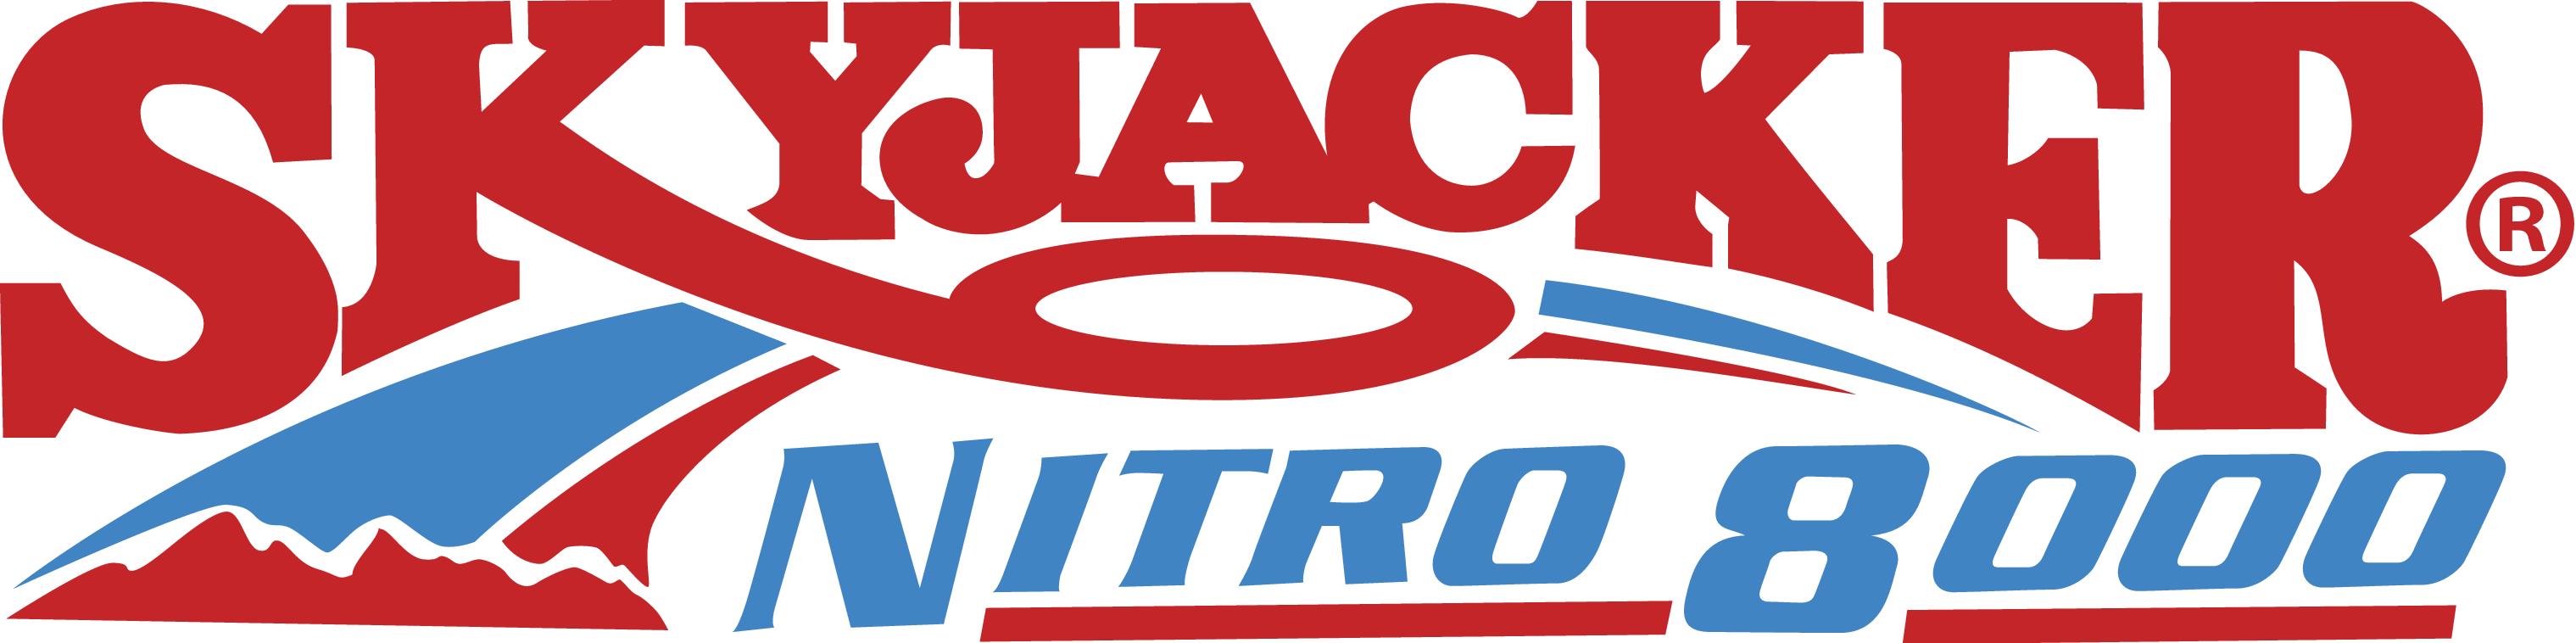 SKYJACKER NITRO 8000 Logo